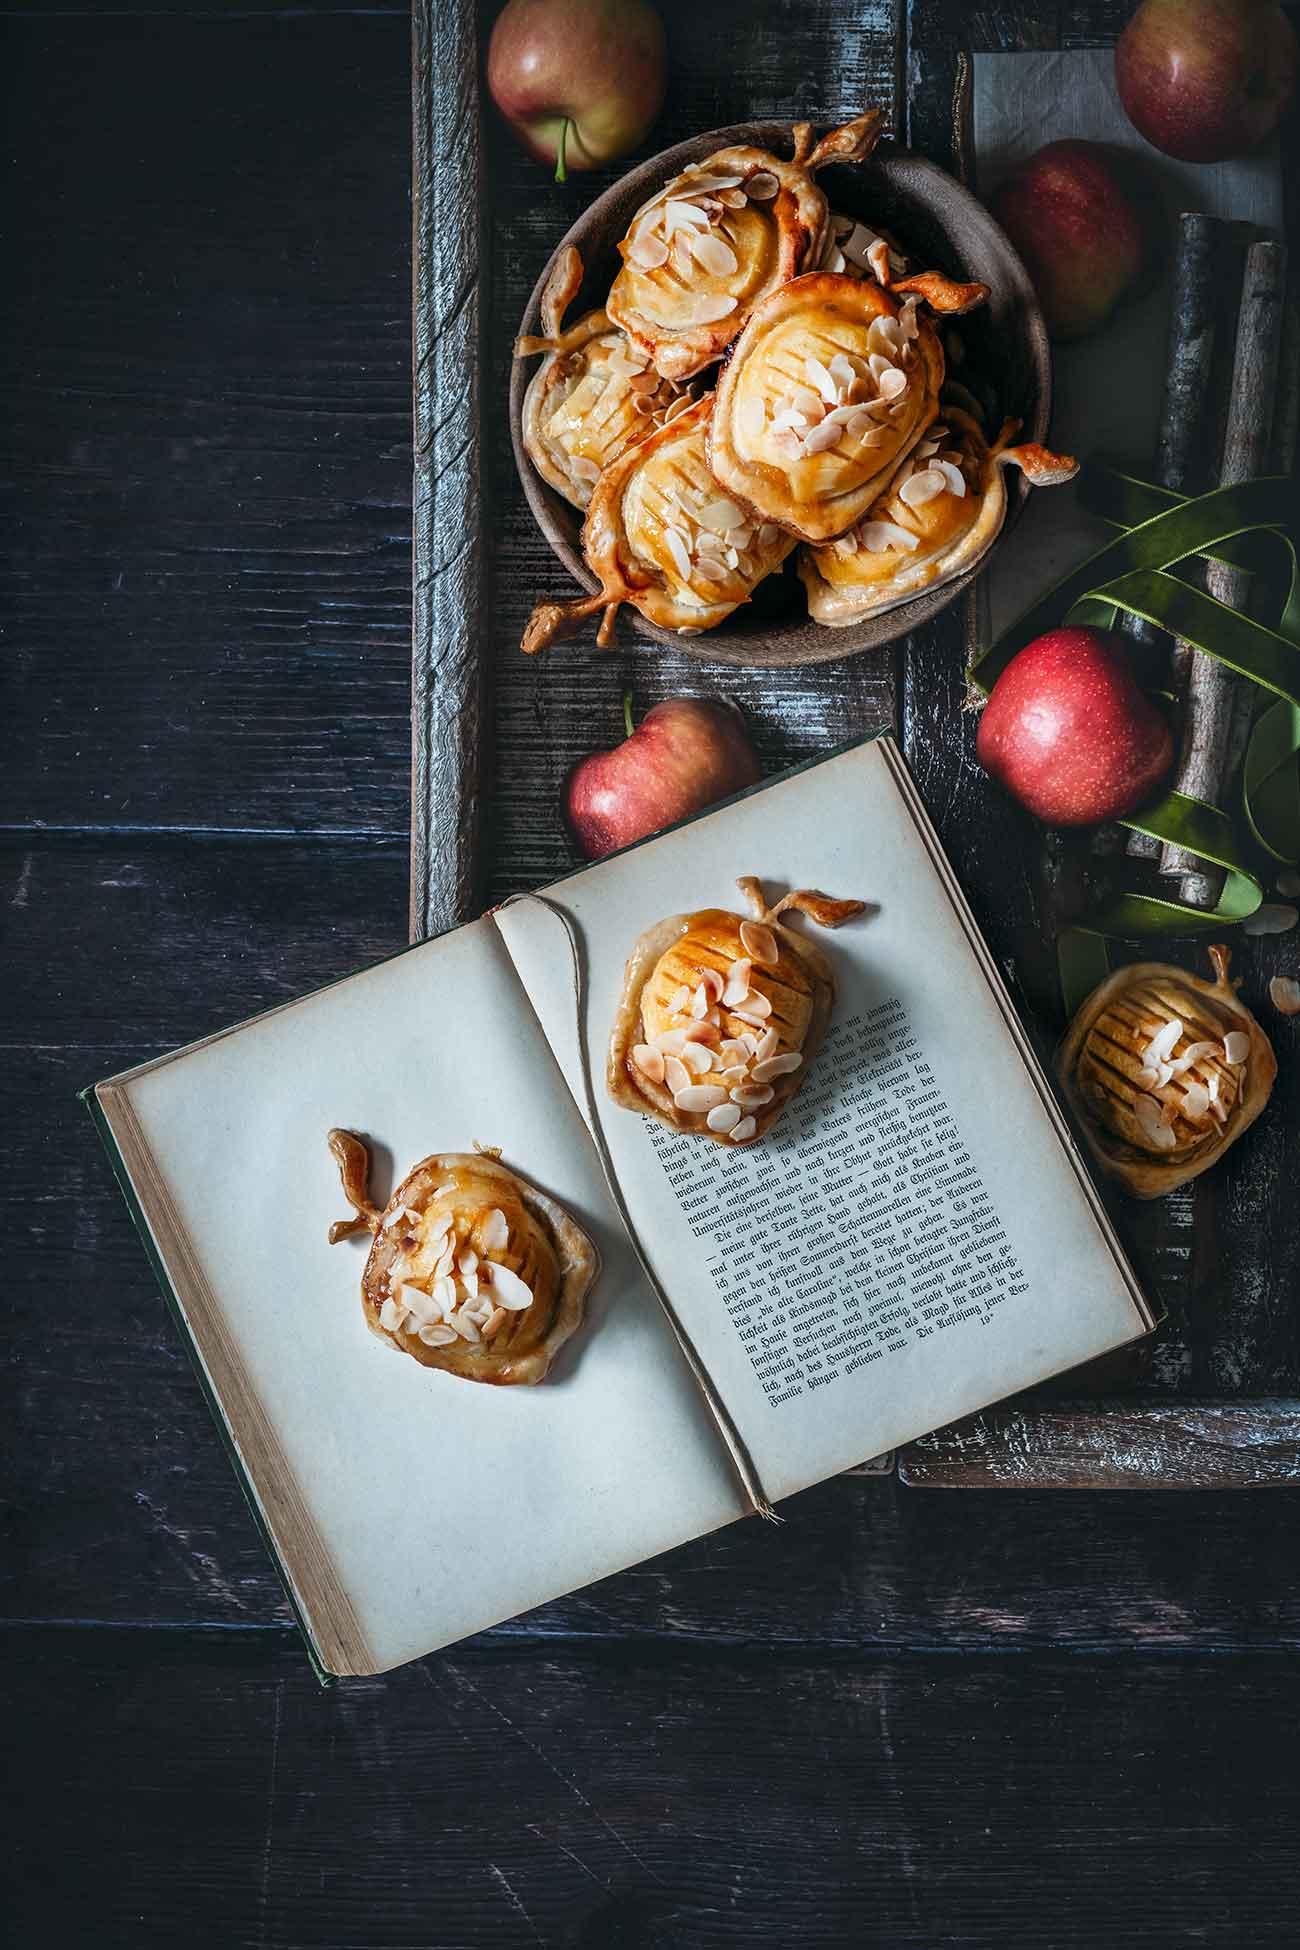 Ich bin ganz verliebt in die kleinen Äpfelchen im Äpfelchen-Blätterteig. Die sind nämlich nicht nur unglaublich schnell gemacht, sondern schmecken auch richtig gut und ich finde die sehen einfach krass toll aus.   Ich habe TK-Blätterteigplatten genommen, funktioniert natürlich aber auch mit frischen Blätterteig.